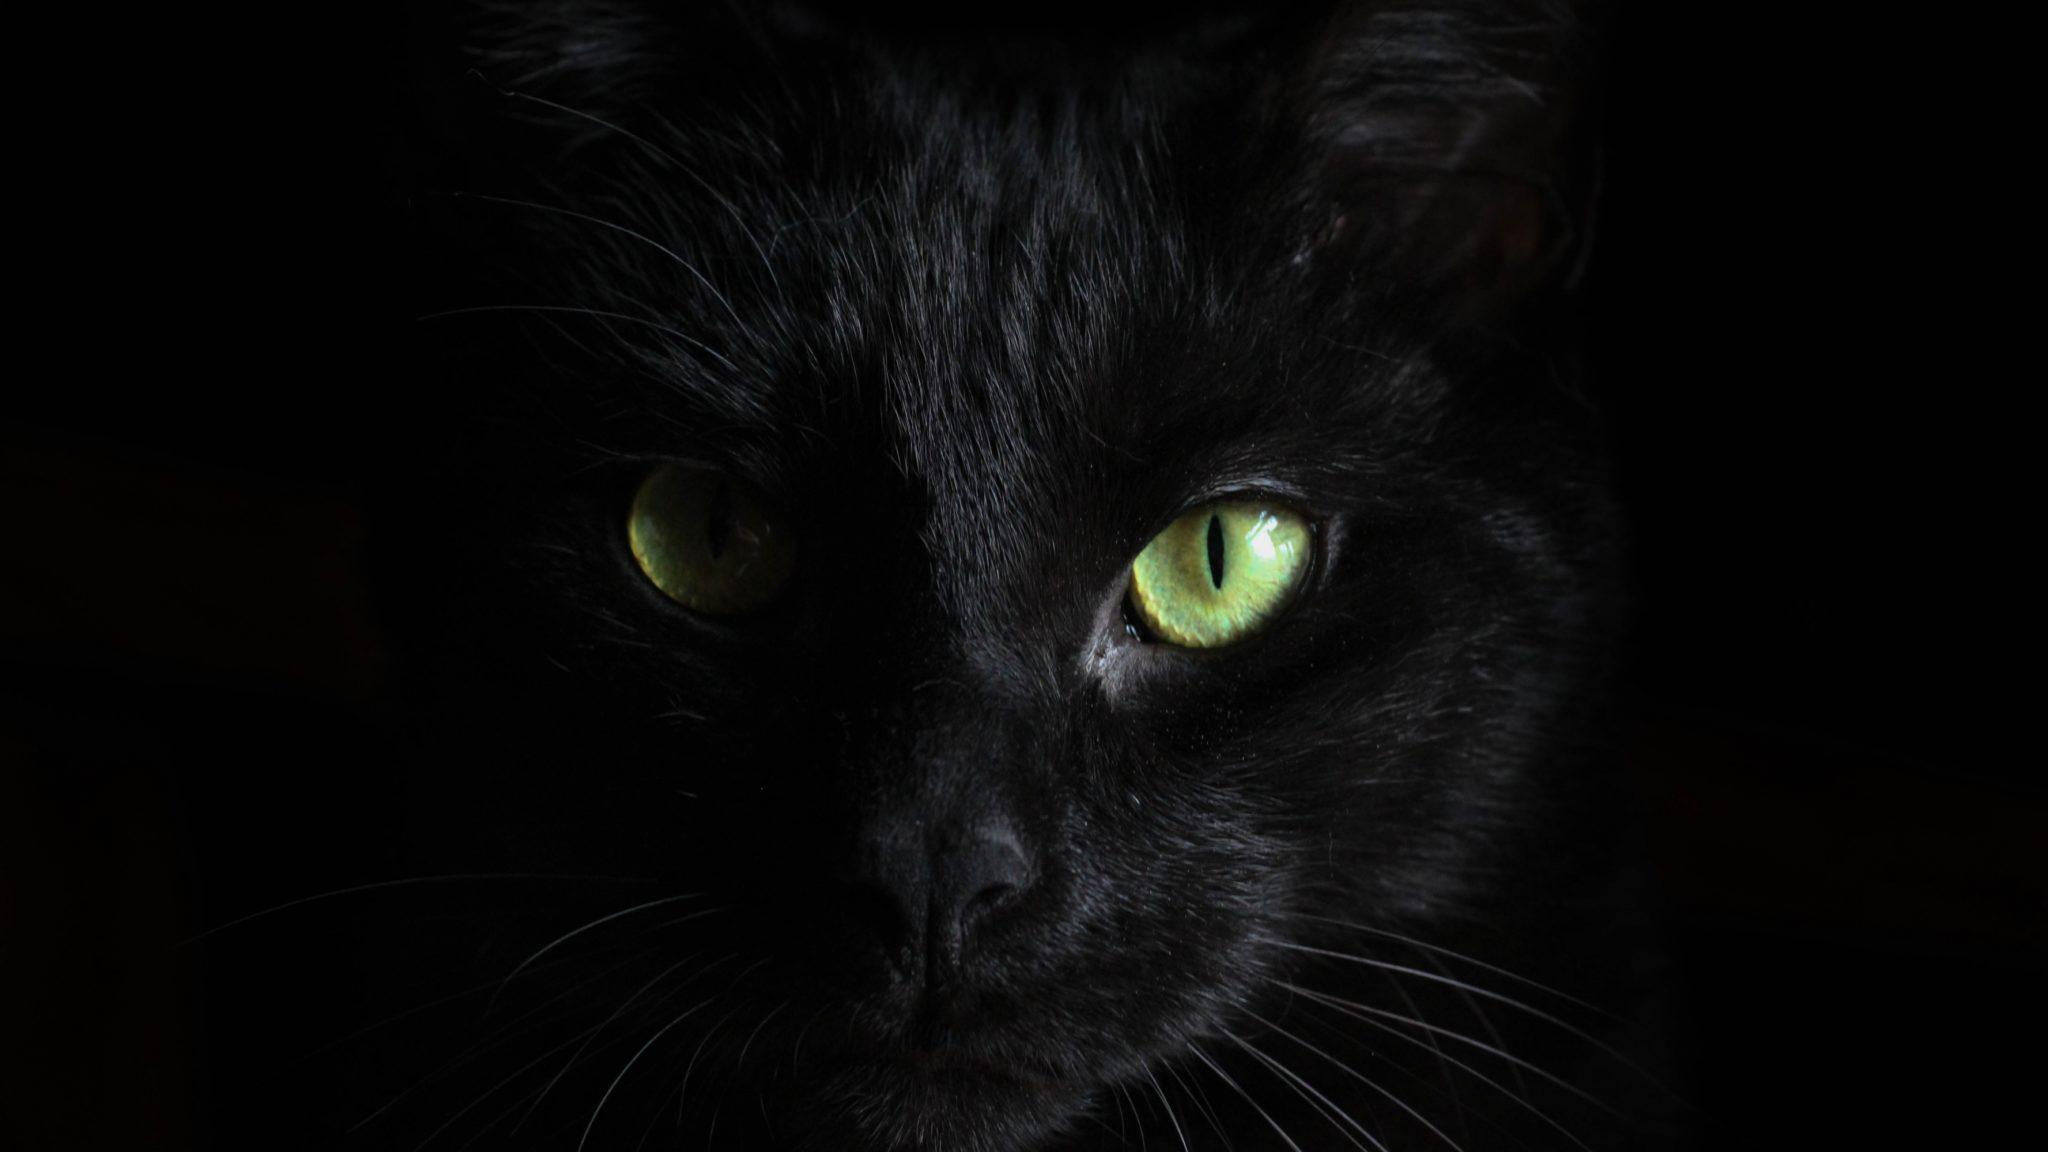 Los ojos de los gatos son delicados